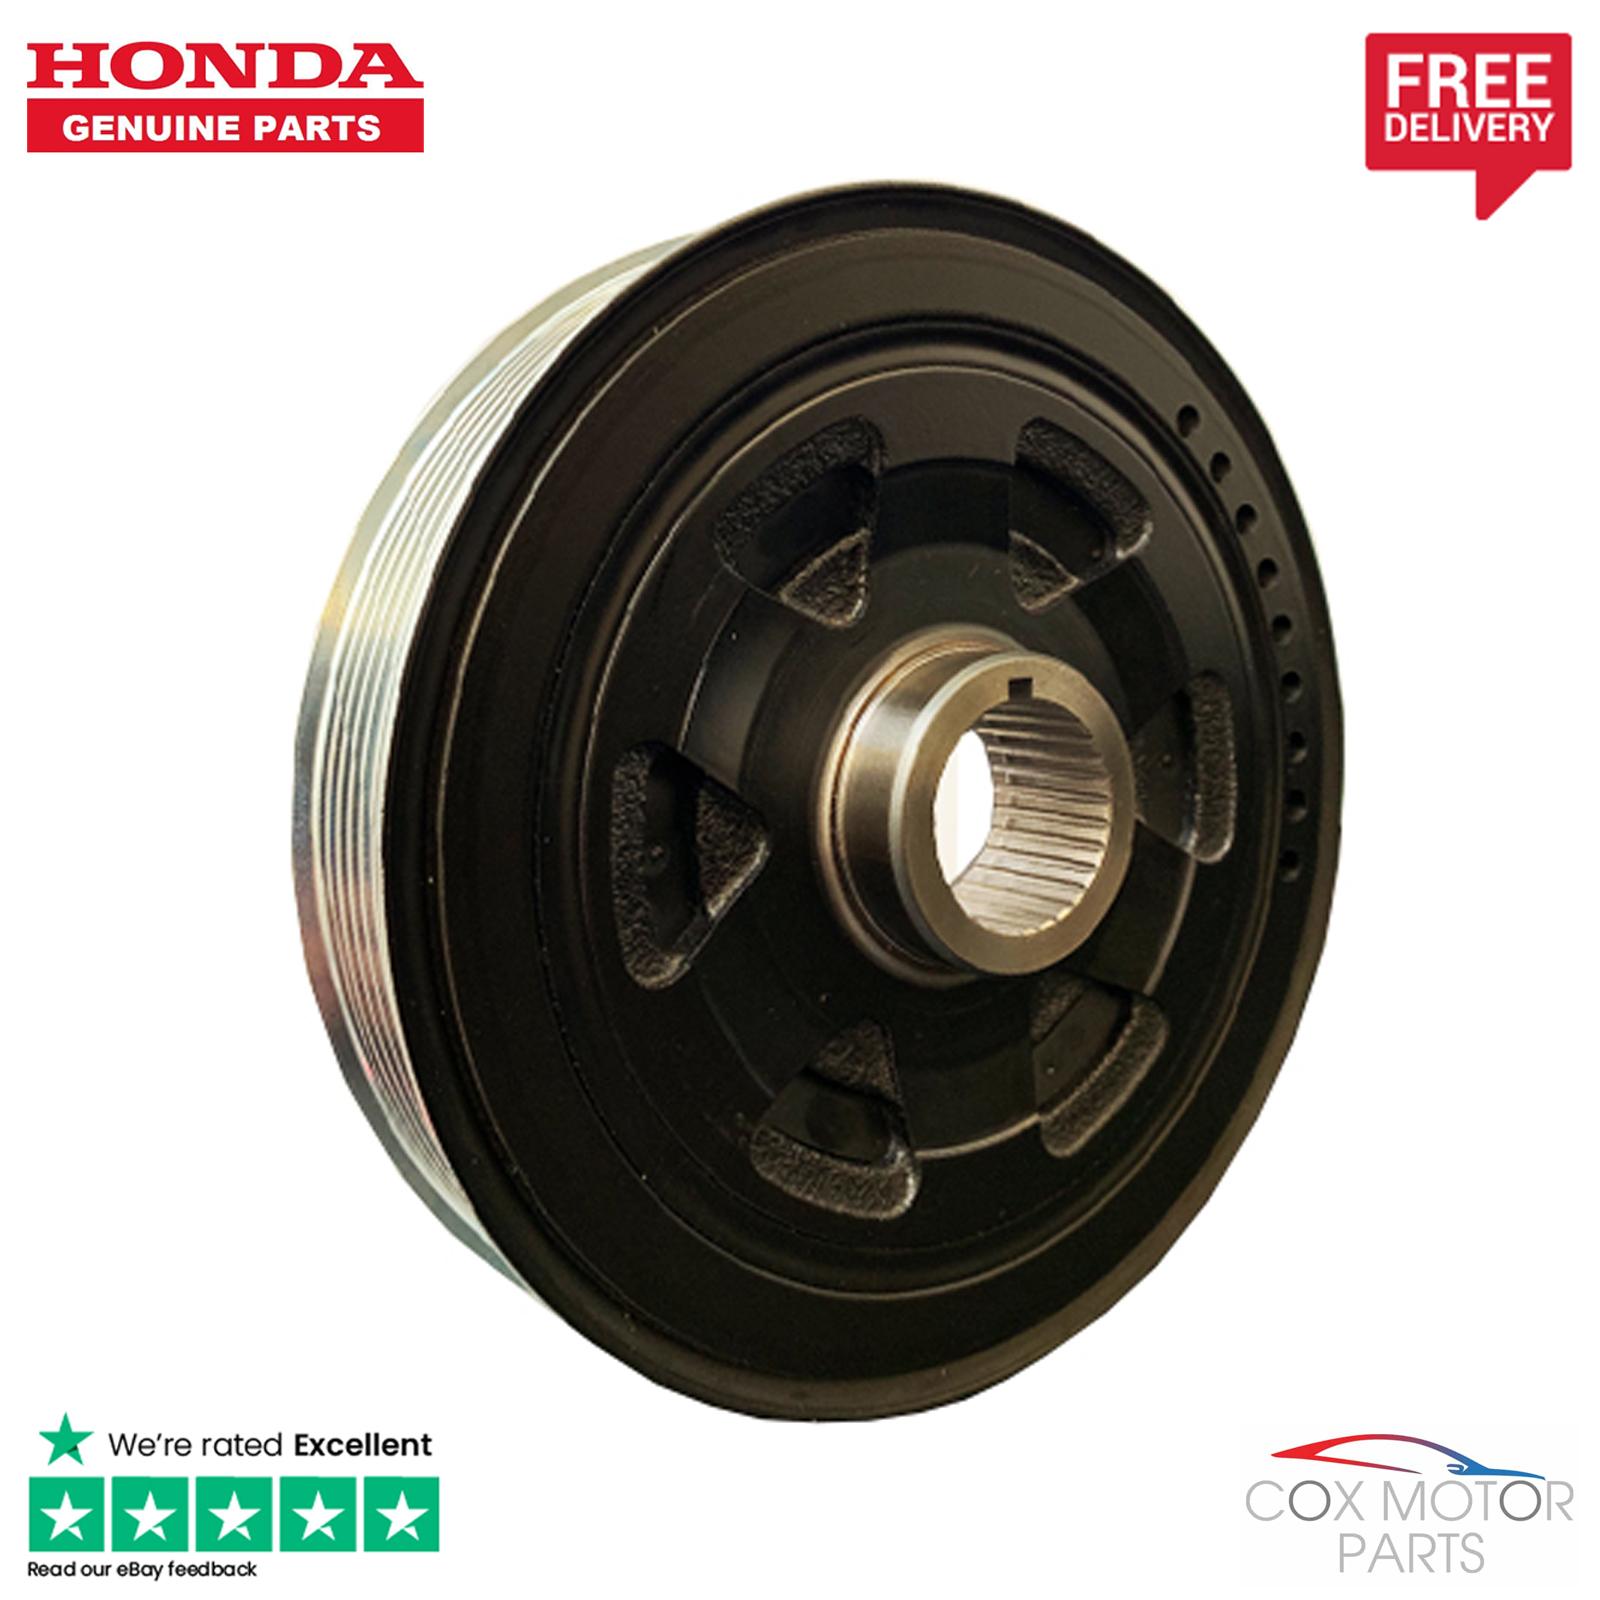 Genuine Honda Accord Diesel Air Filter 2003-2008